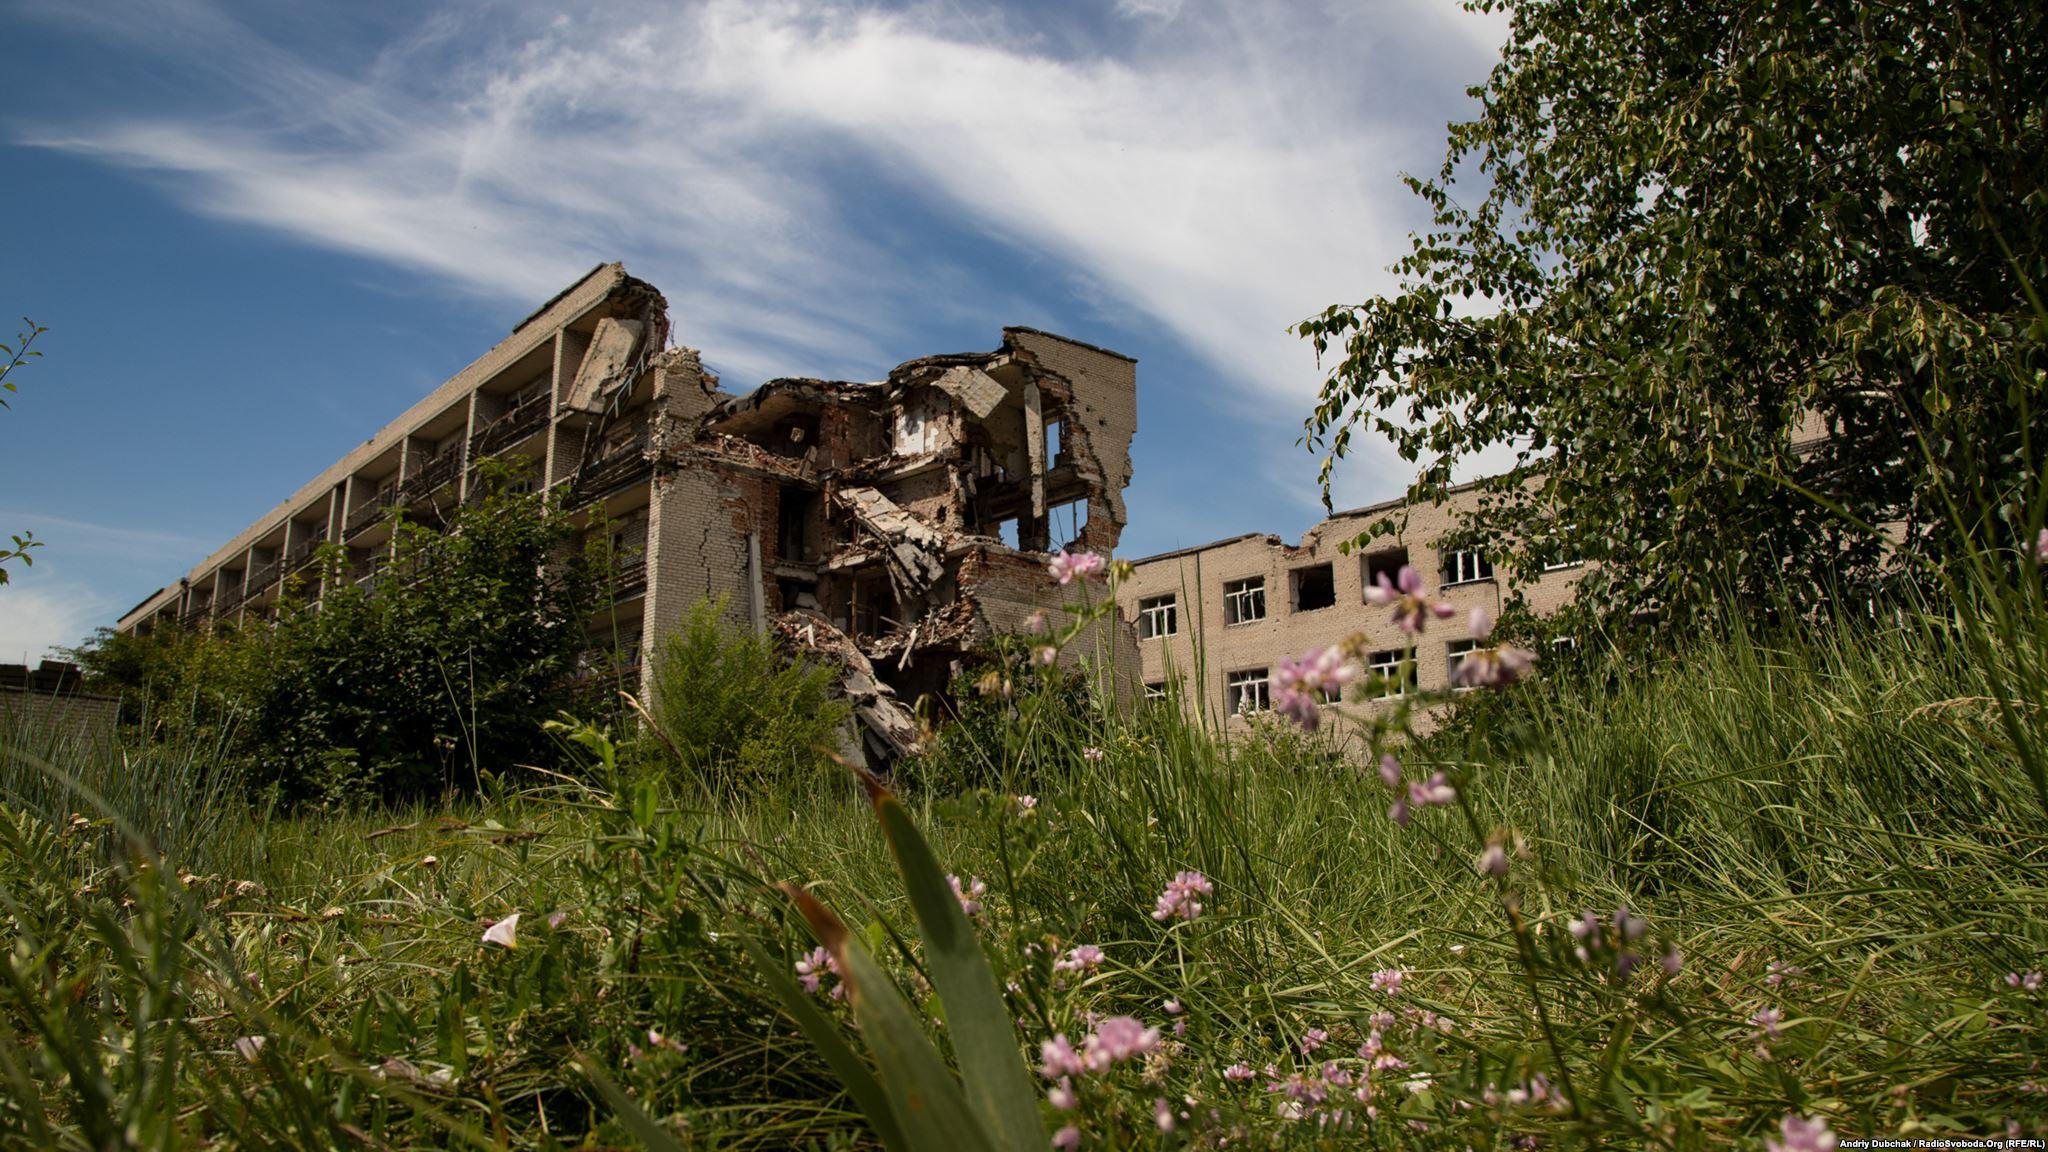 Цьому будинку дісталося особливо сильно, він височіє над місцевістю, і саме ця стіна направлена у бік позицій бойовиків (фотограф Андрей Дубчак / Andriy Dubchak)